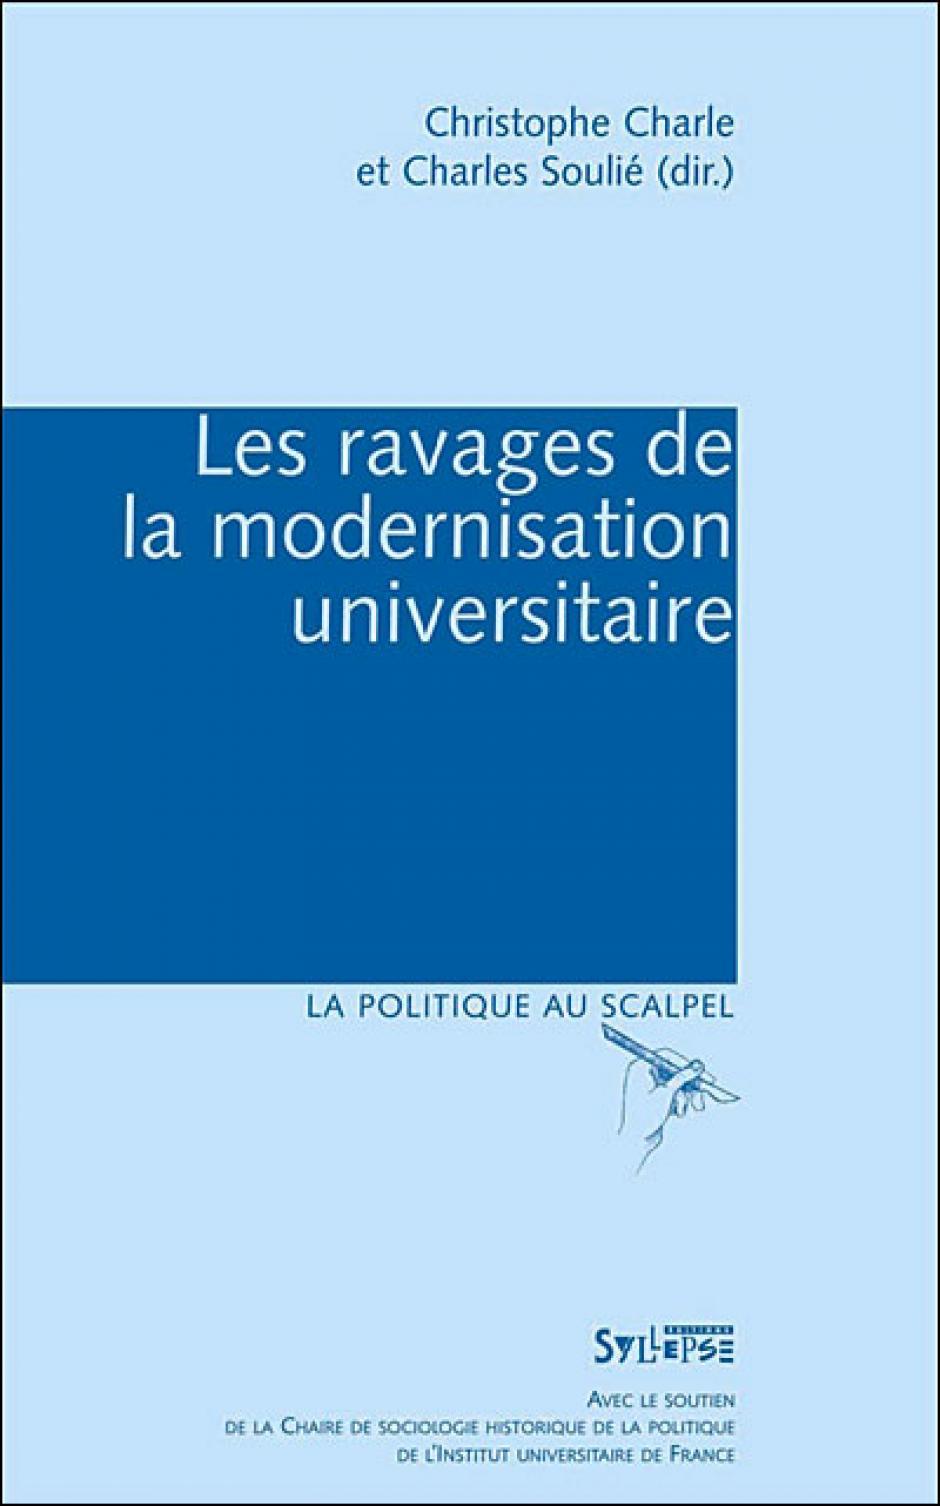 L'université au miroir de l'Histoire, Christophe Charle*